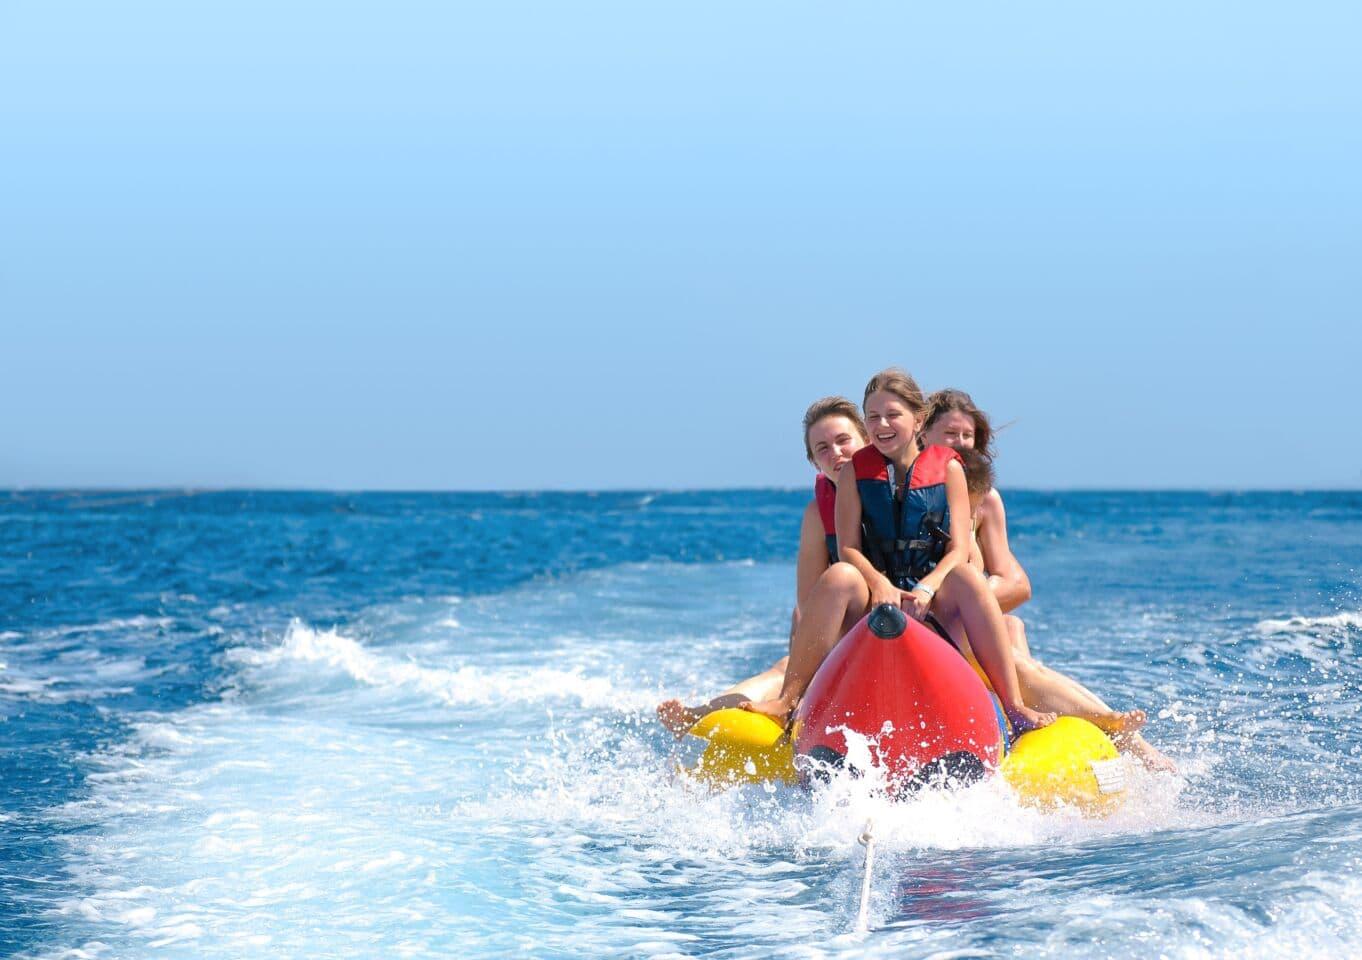 Auf dem Bananaboat in die Sommerferien